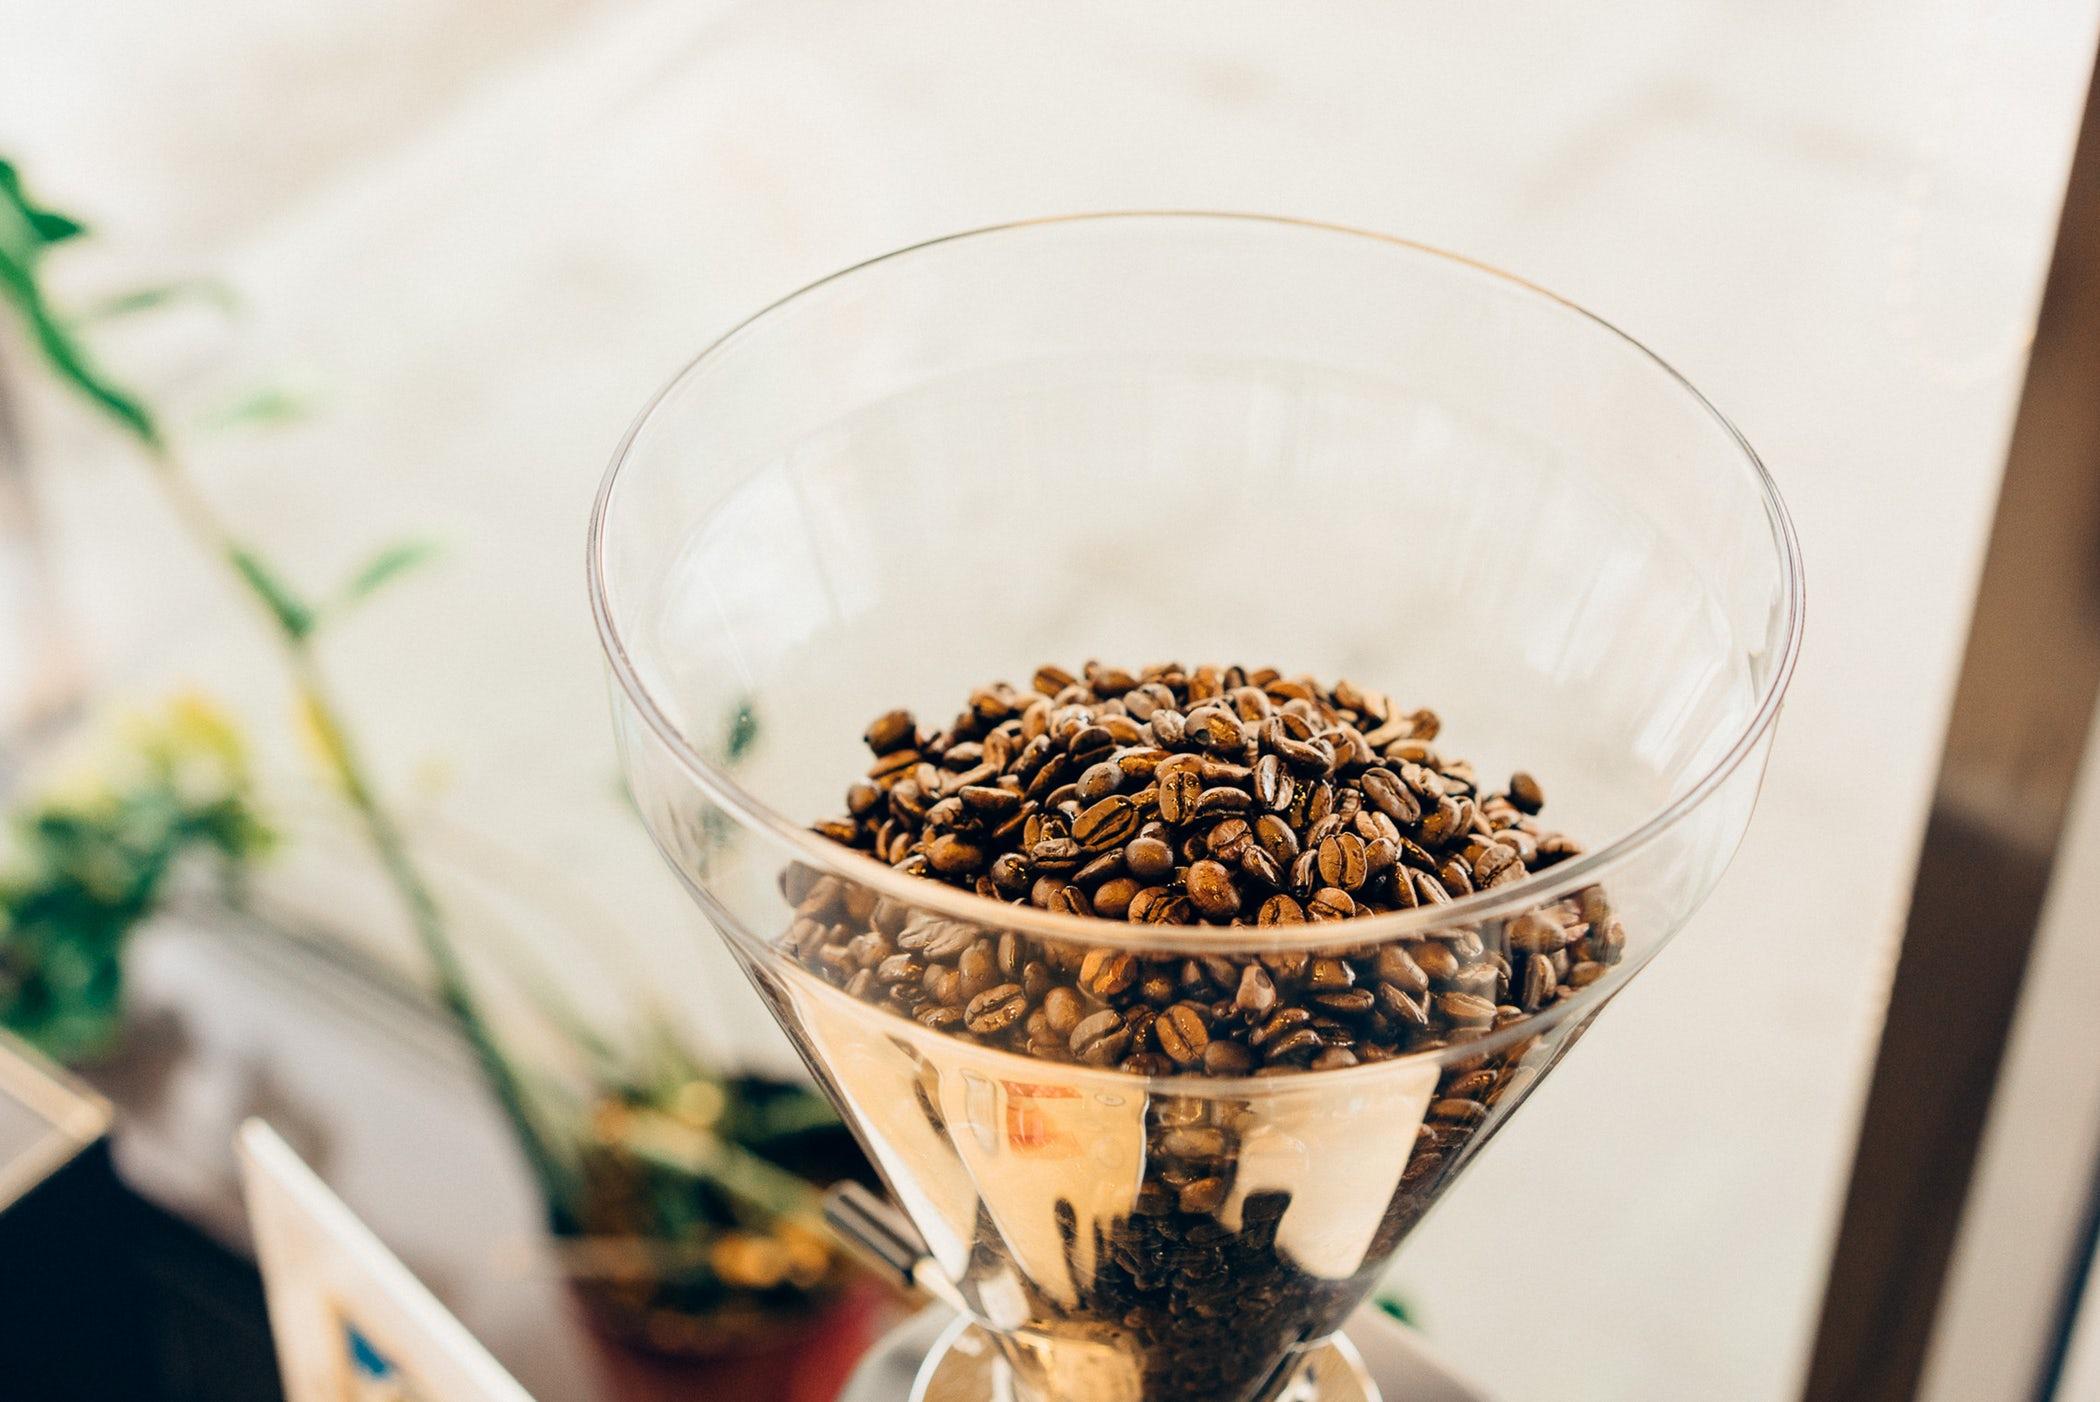 Fai un corso caffetteria Roma ed impara a preparare i migliori caffè